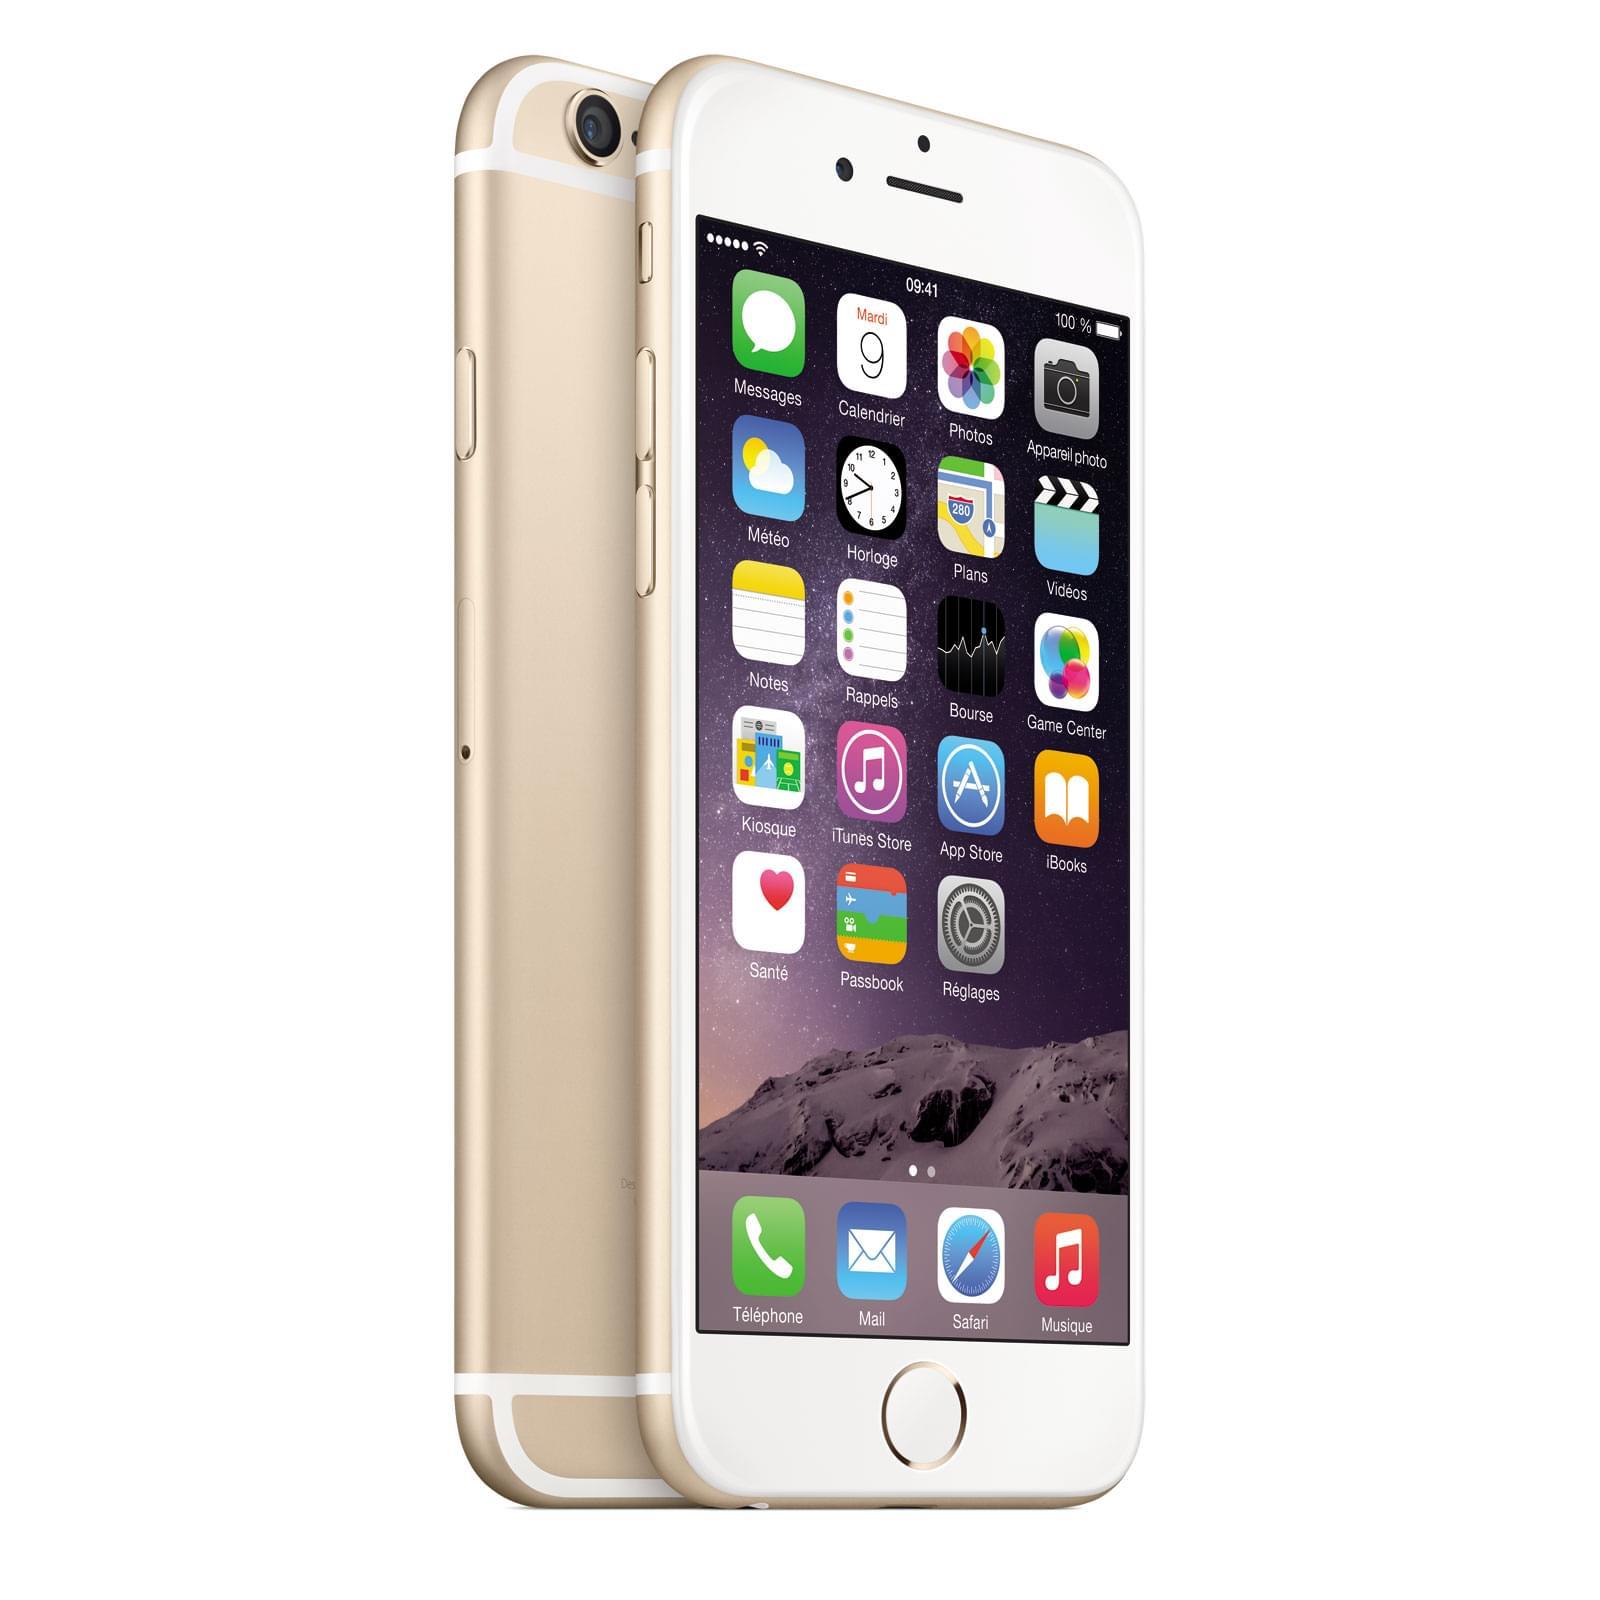 Apple iPhone 6 128Go Gold (MG4E2ZD/A soldé) - Achat / Vente Téléphonie sur Cybertek.fr - 0